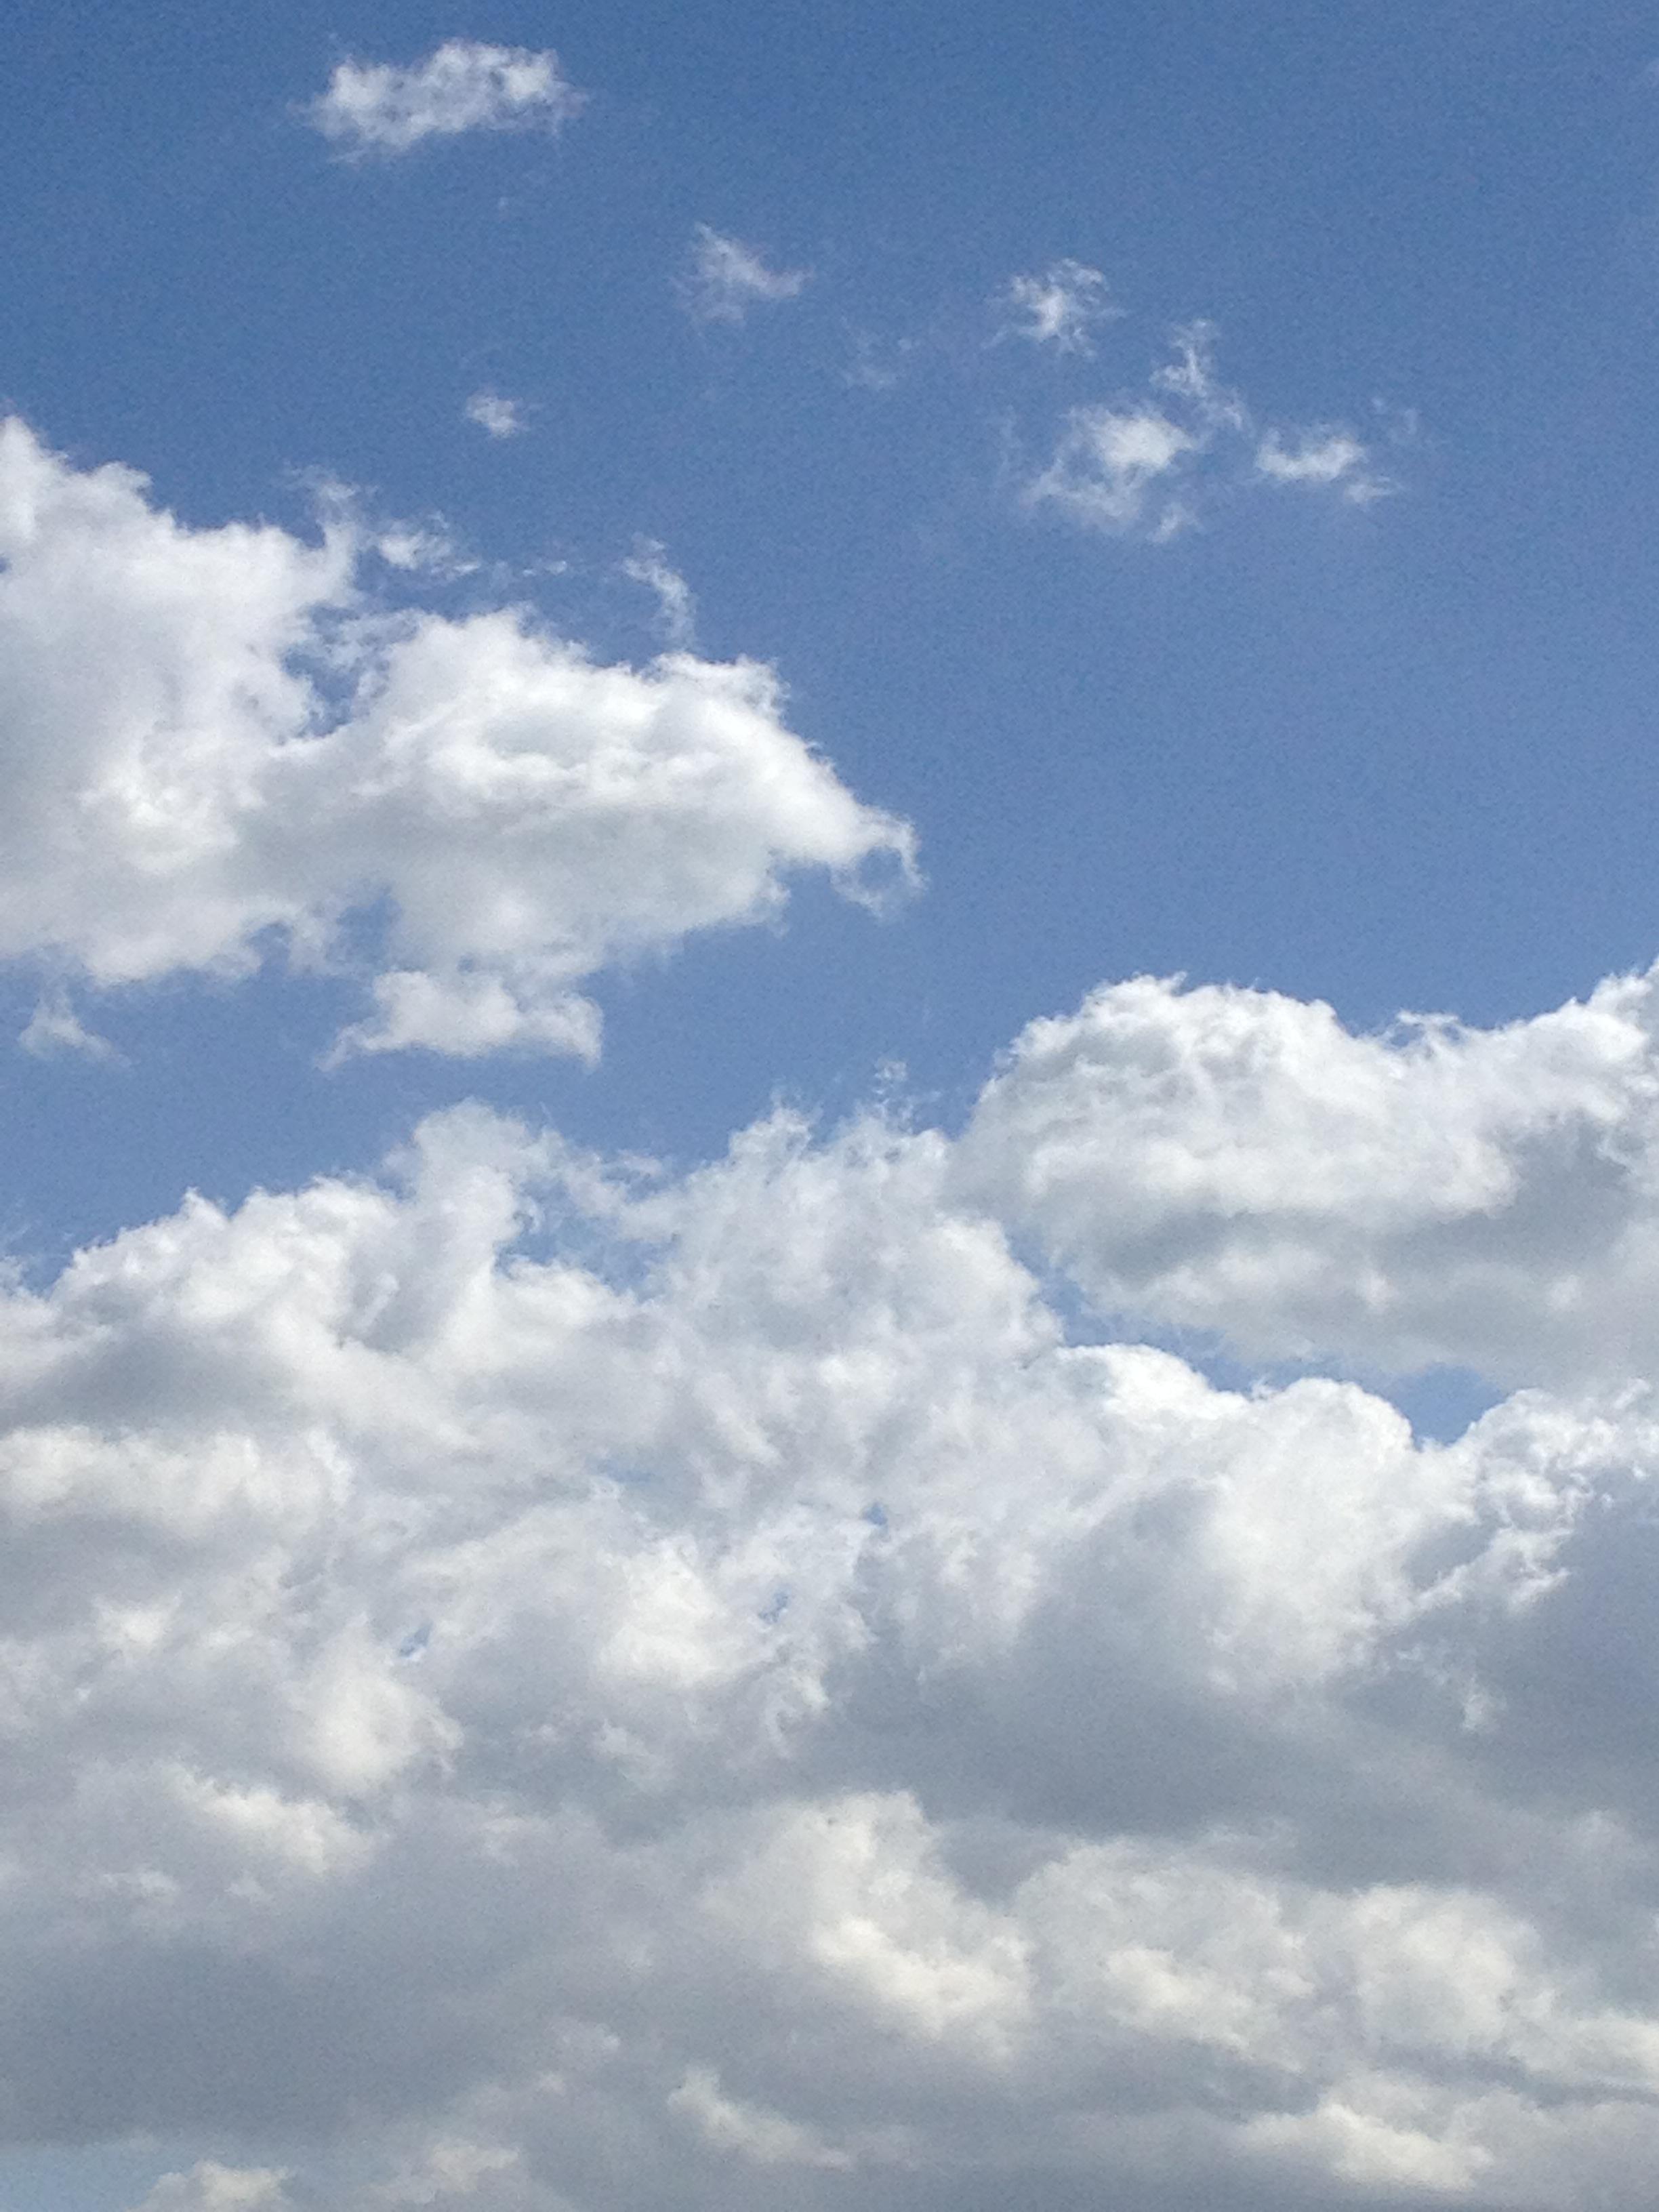 入り乱れる雲